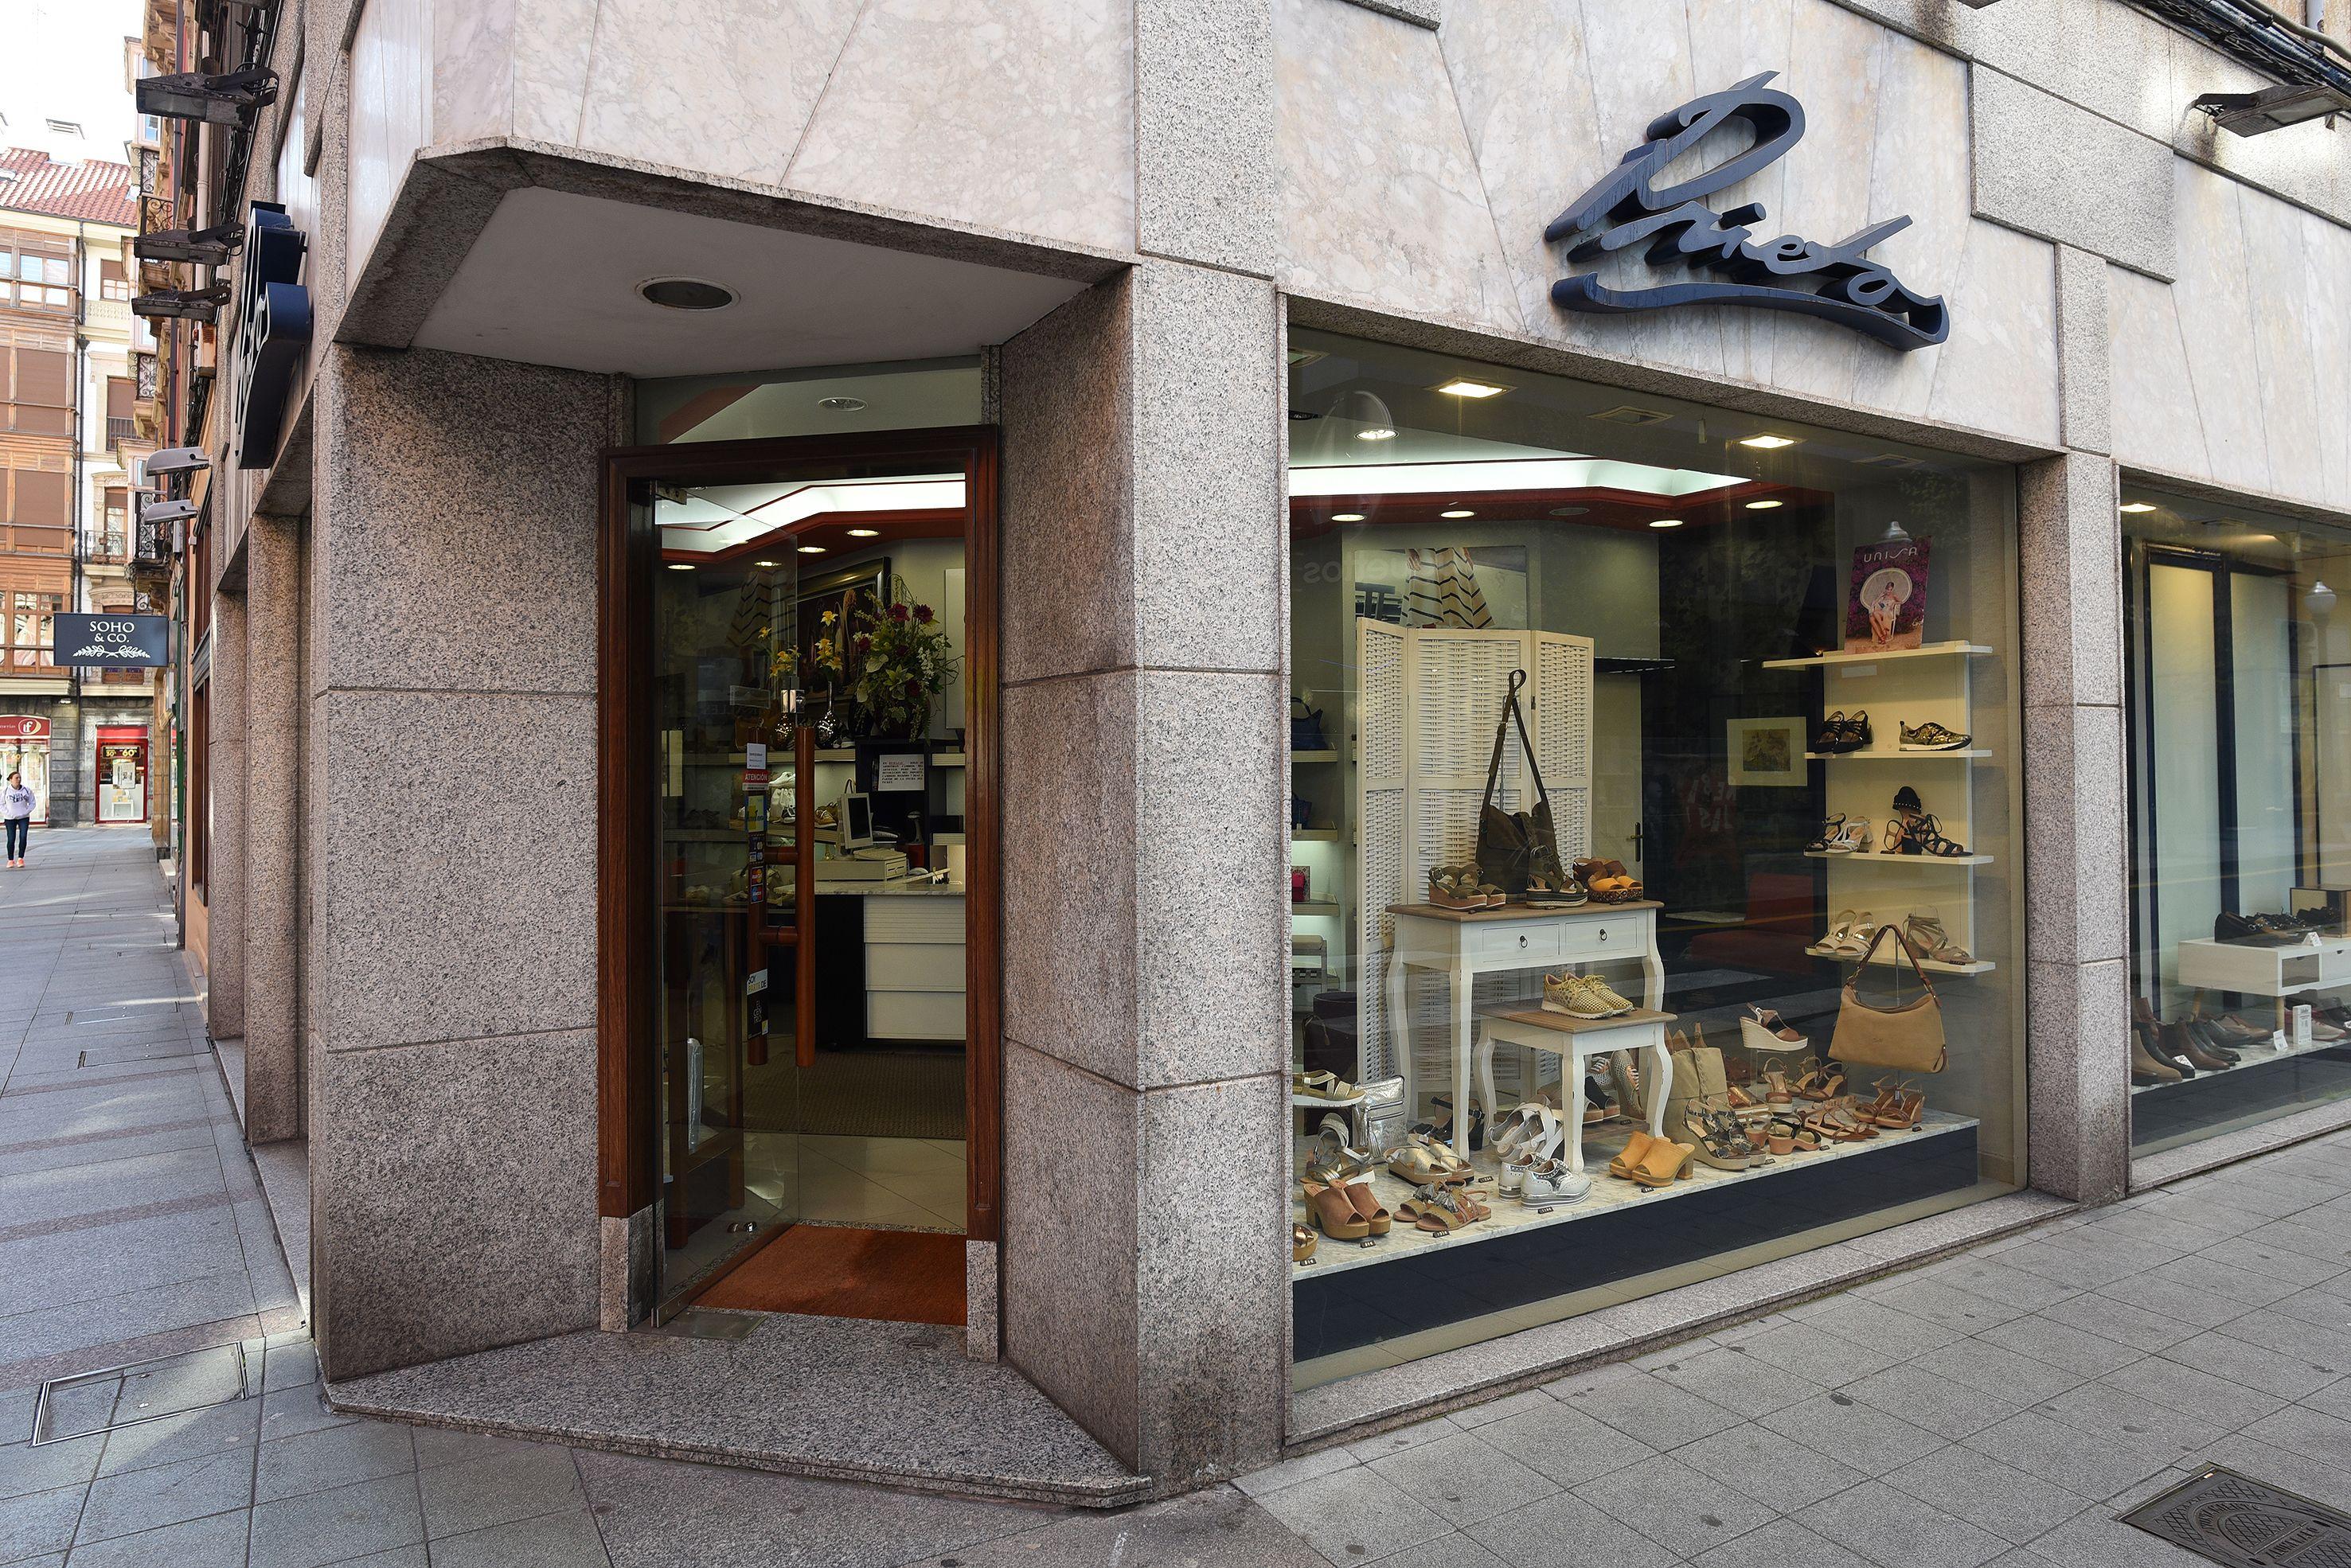 Calzados Prietos, abierta desde hace más de 65 años en Gijón